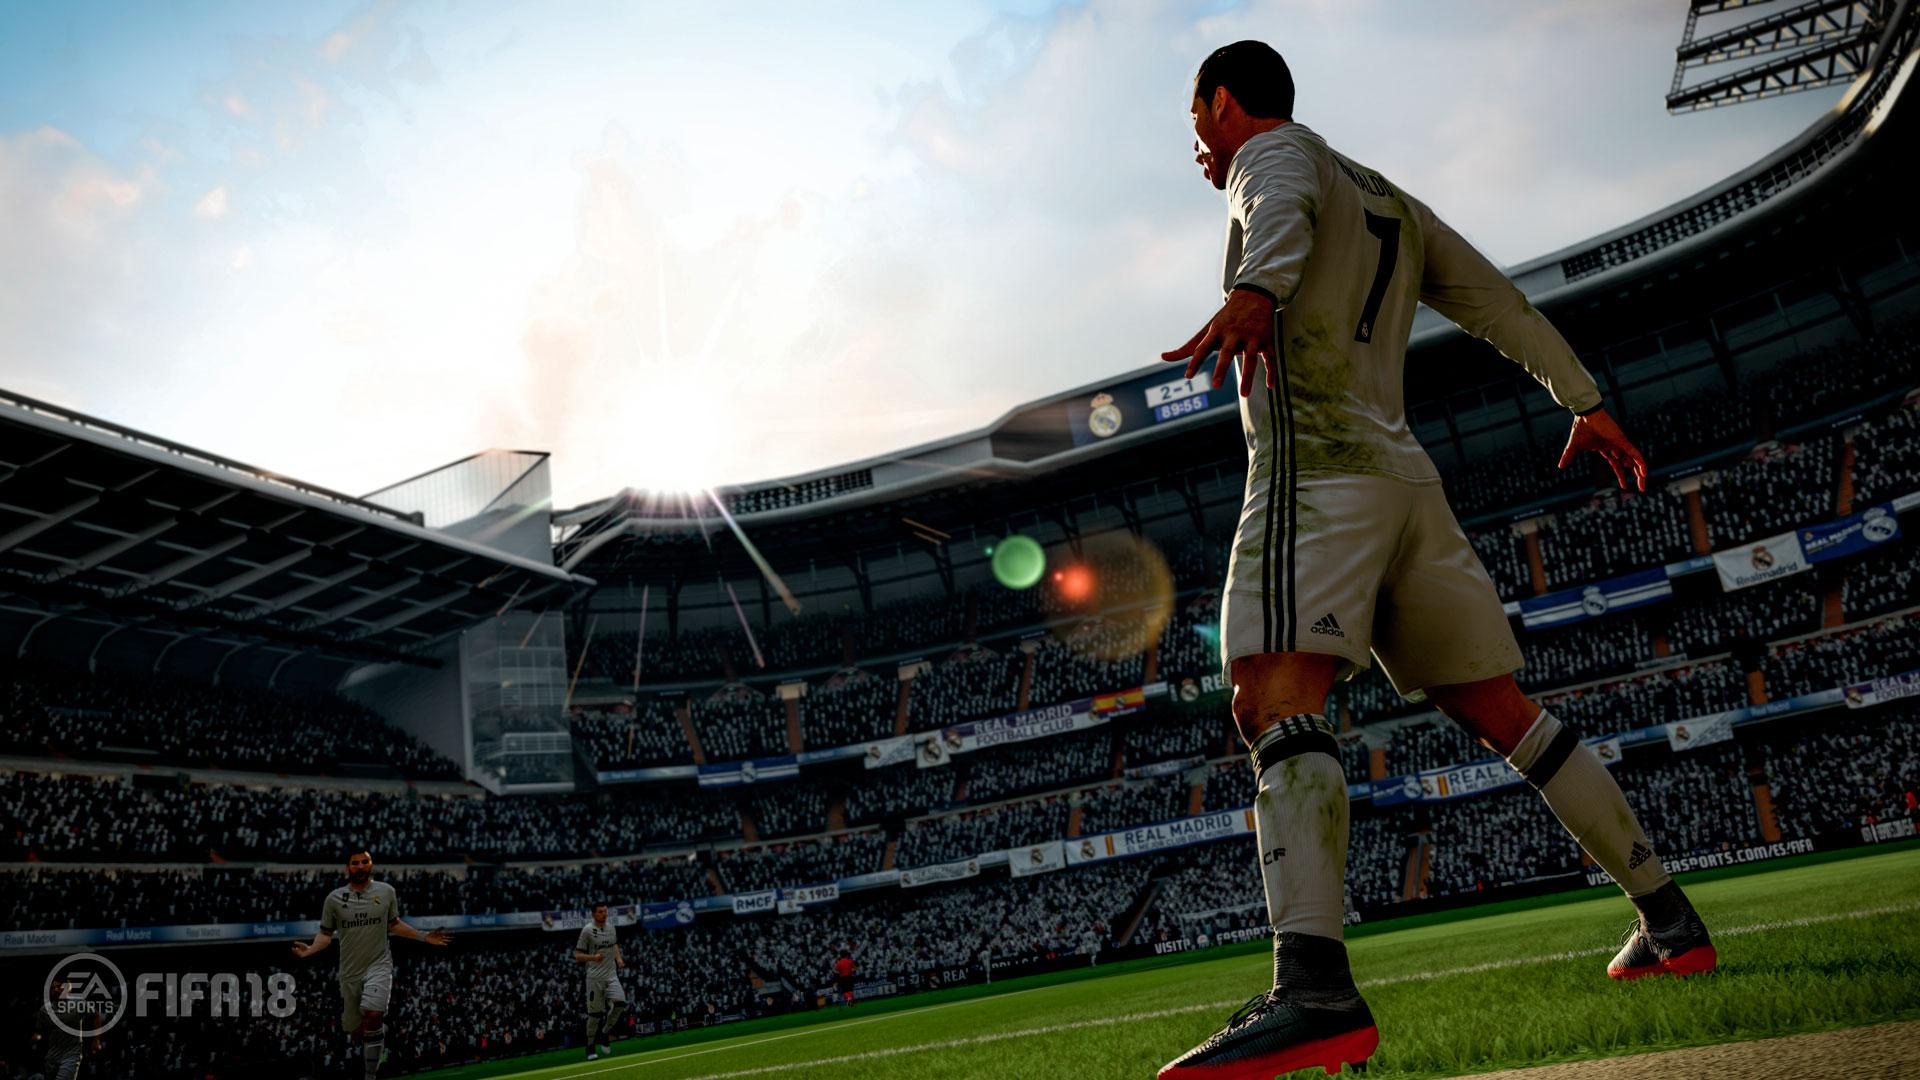 portada de fifa 18 - EA Sports ha publicado un top 50 de los jugadores, en está ocasión os dejamos con el top 10 de jugadores de FIFA 18.